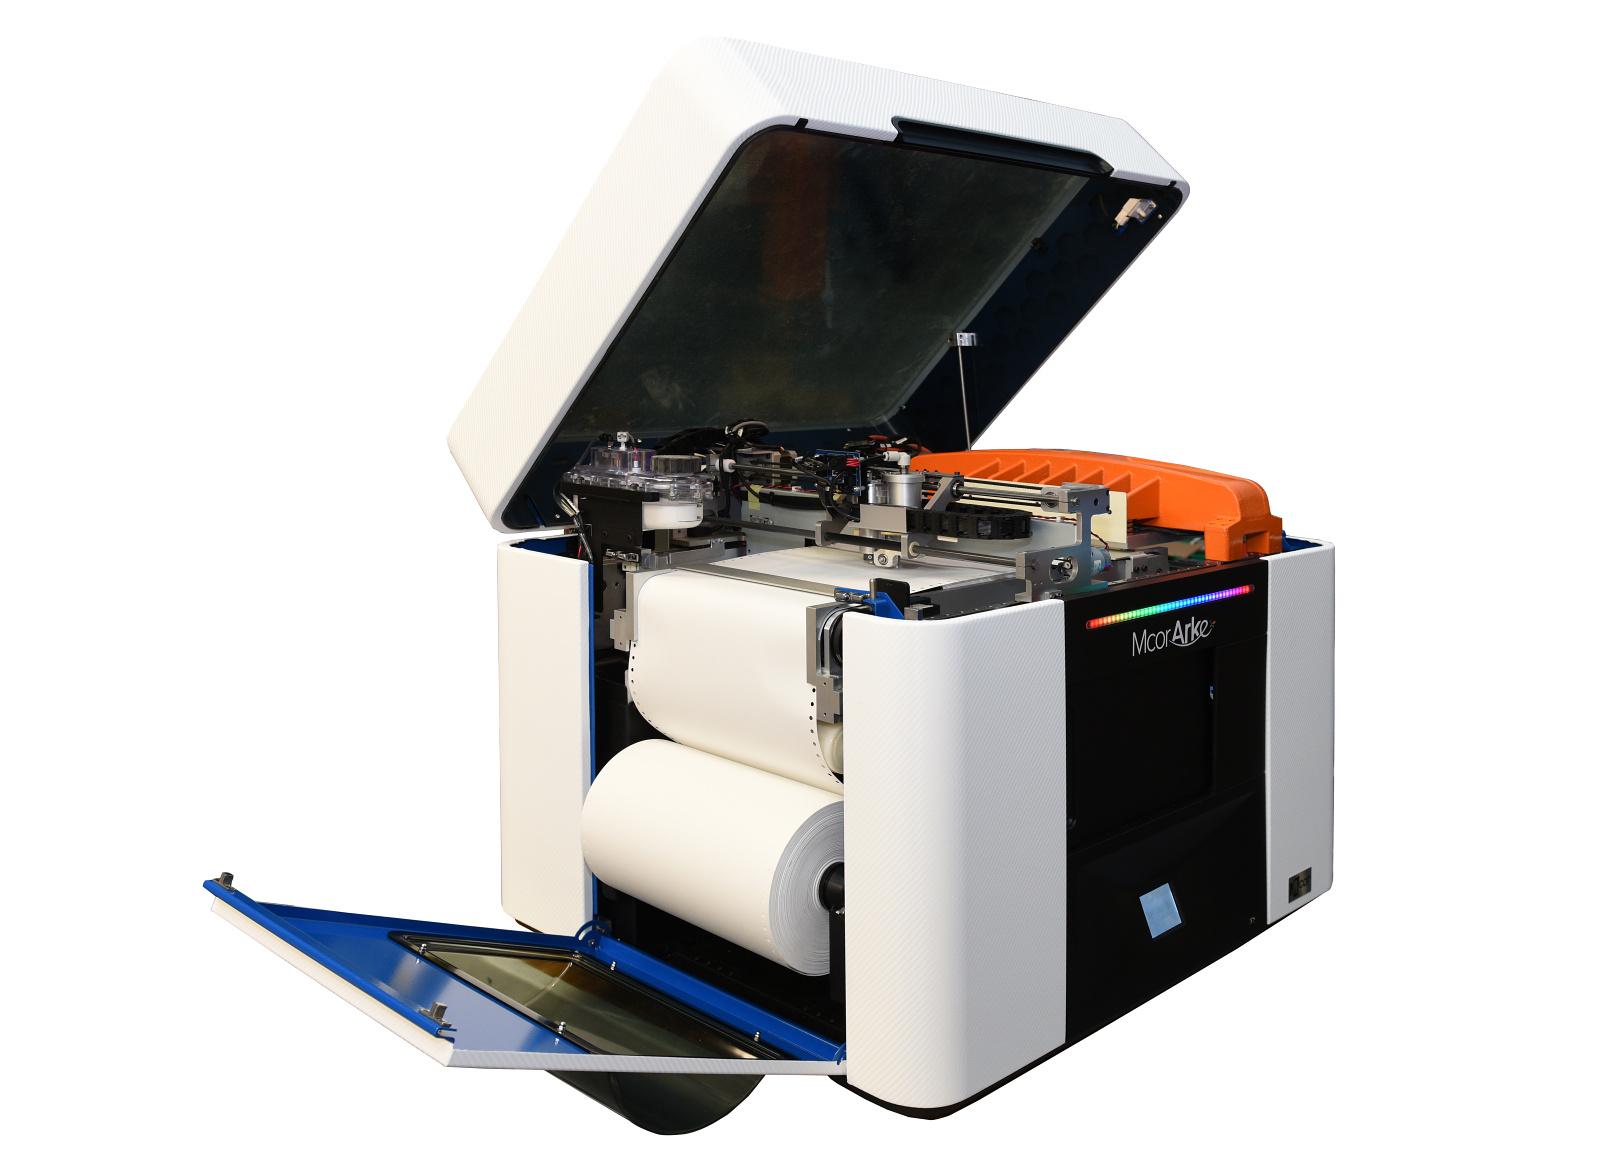 Plnobarevná stolní 3D tiskárna Mcor Arke, oceněná na CES 2016, má českého prodejce